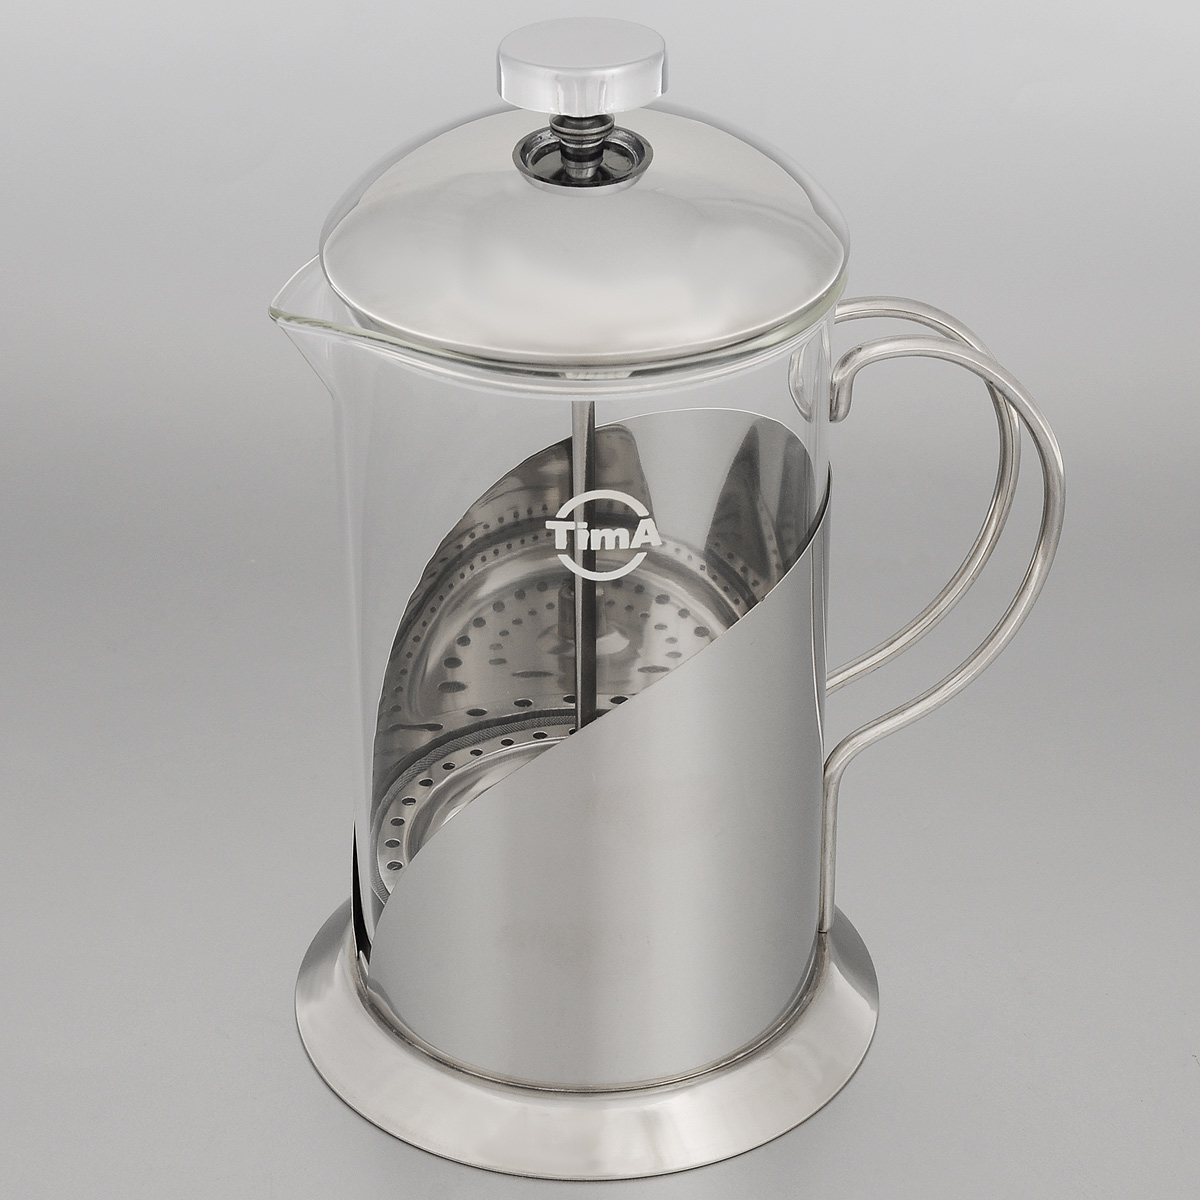 Френч-пресс TimA Тирамису, 800 млVS-2615Френч-пресс TimA Тирамису специально предназначен для приготовления кофе или чая методом настаивания и отжима. Преимуществ, которыми обладает френч-пресс перед обычным заварником, немало. Это удобство: засыпав чай под поршень и закрыв конструкцию крышкой, вы можете после заваривания разливать чай без использования дополнительных фильтров и других приспособлений. Кроме того, френч-пресс на столе смотрится очень элегантно - все участники чаепития смогут не только насладиться безупречным вкусом напитка, но и наблюдать процесс заваривания, раскрытия вкуса и цвета чая, высвобождения его аромата. Френч-пресс позволяет полностью извлечь полезные вещества из травяных чаев. Можно мыть в посудомоечной машине. Диаметр основания: 12 см. Диаметр (по верхнему краю): 10 см. Высота френч-пресса: 22 см.